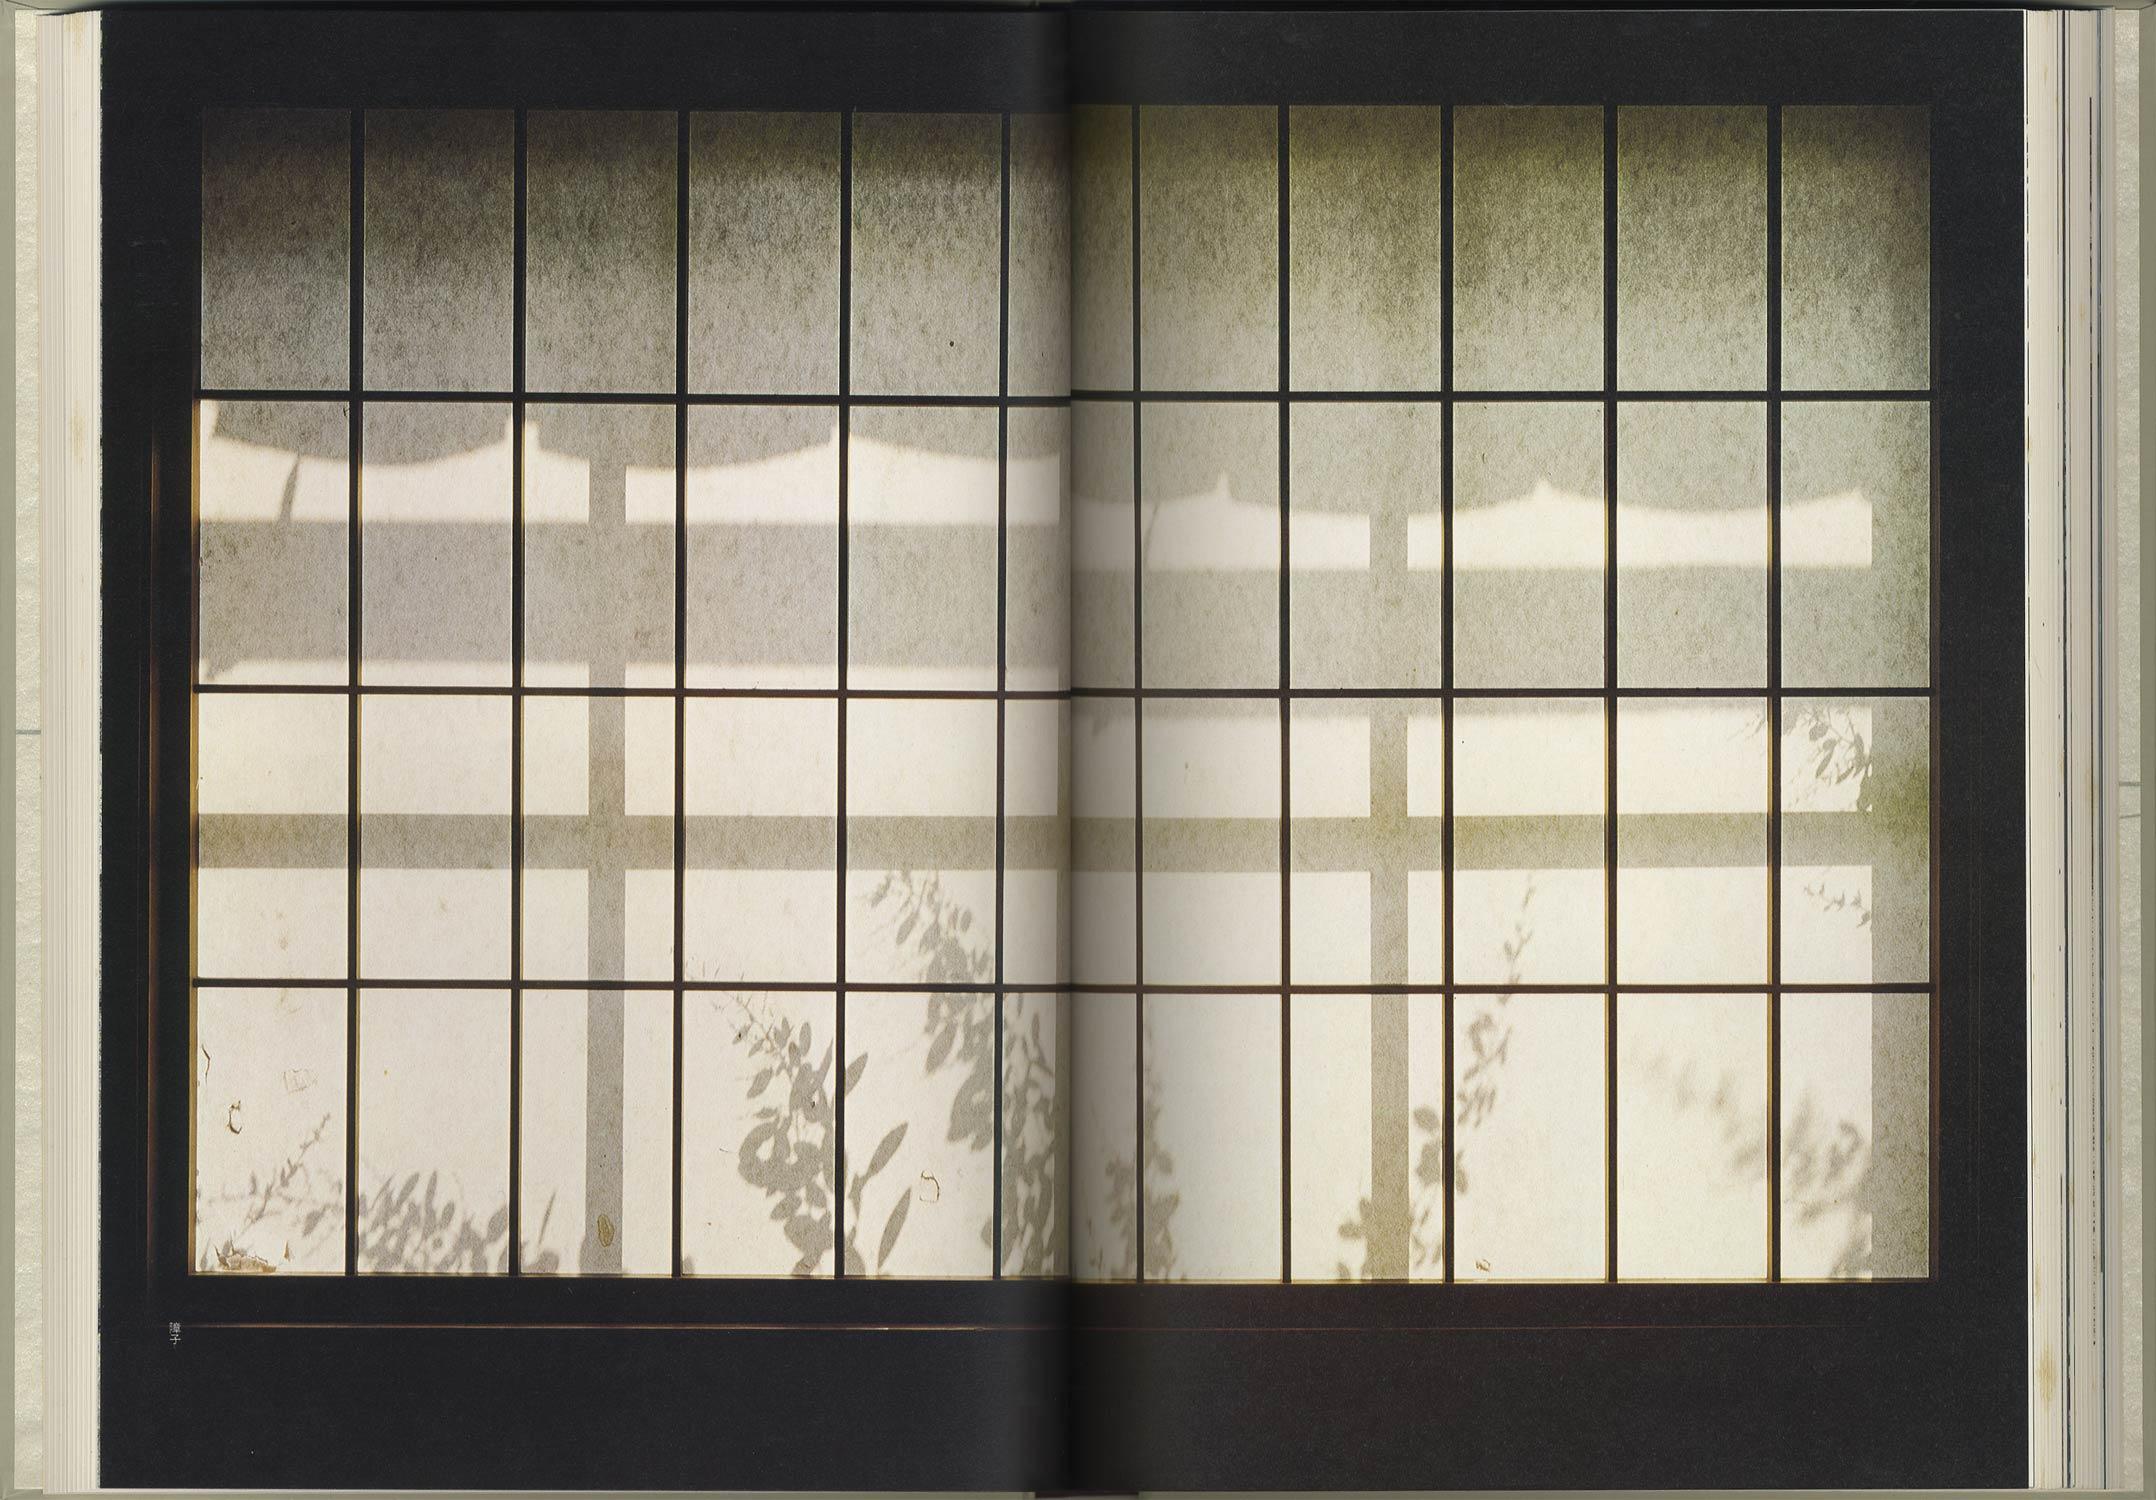 日本人 住まいの文化誌[image4]